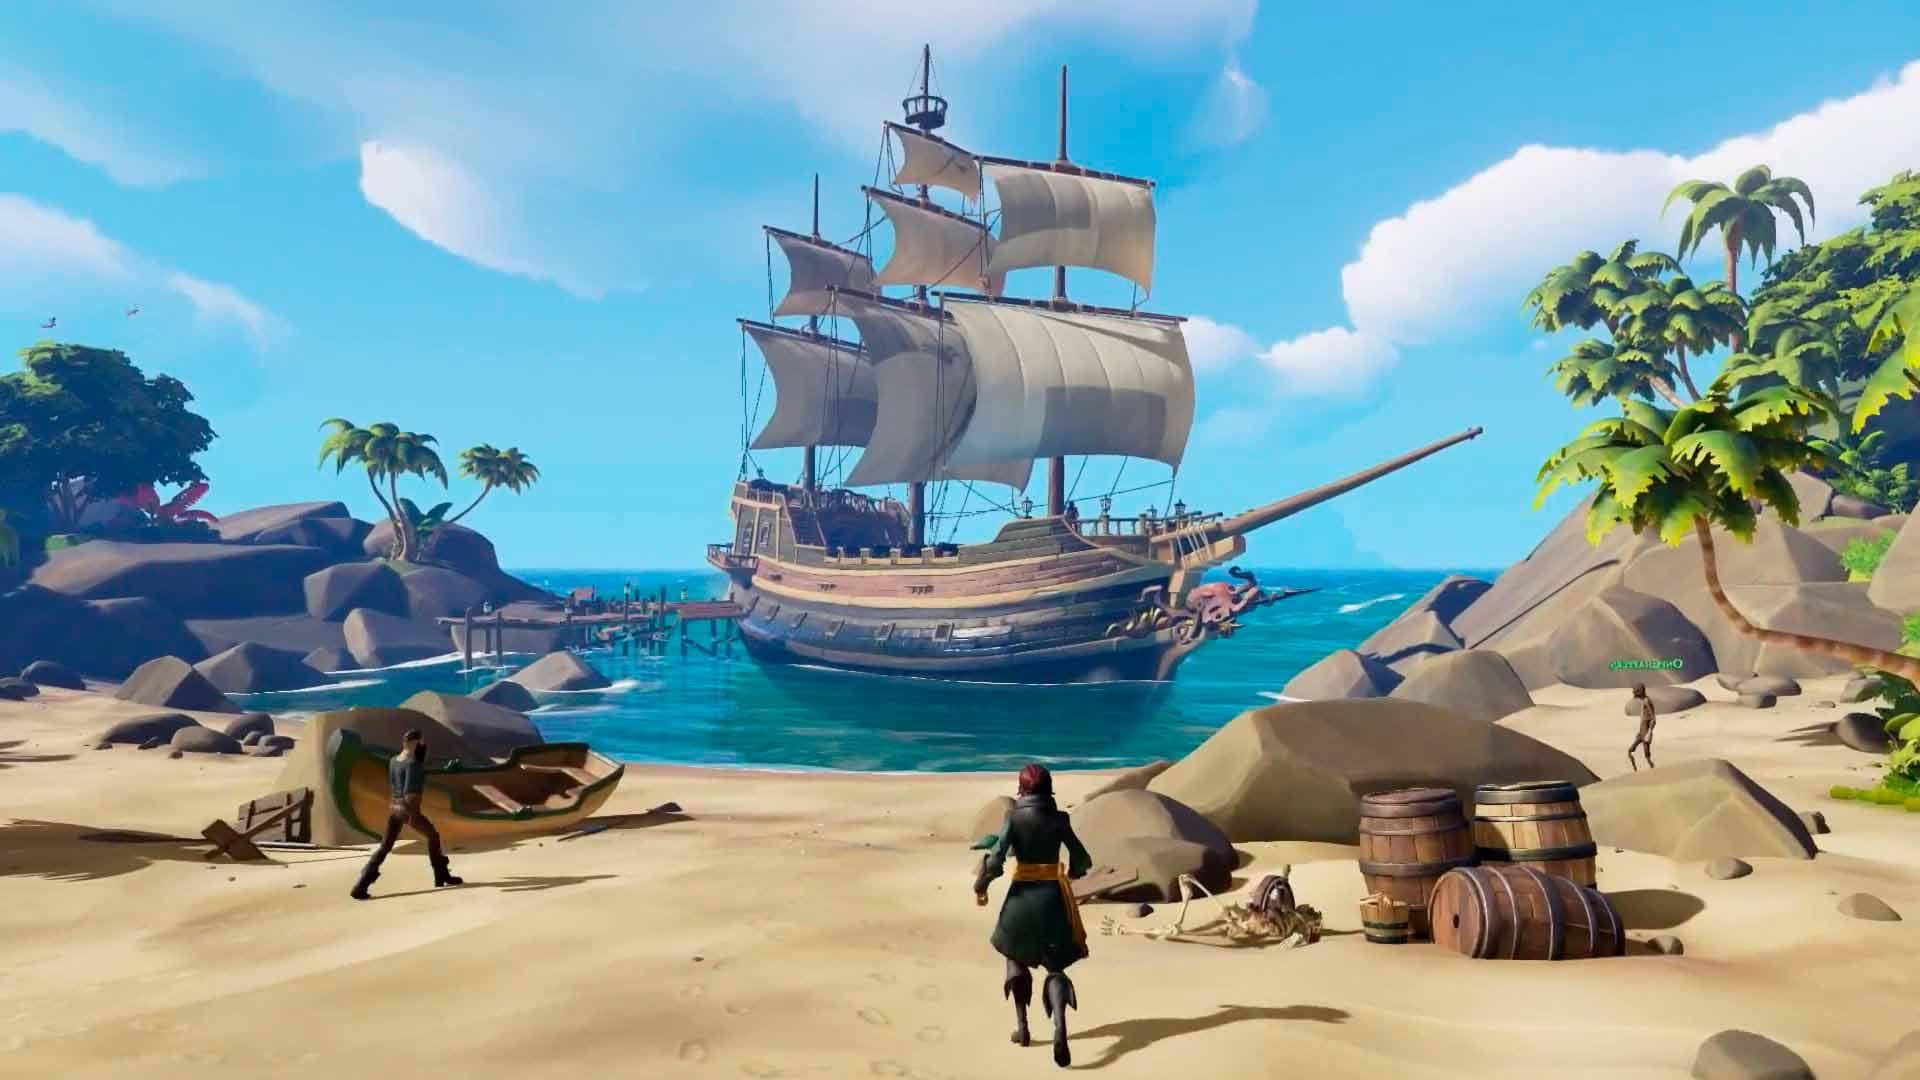 Ocean Of Free Games